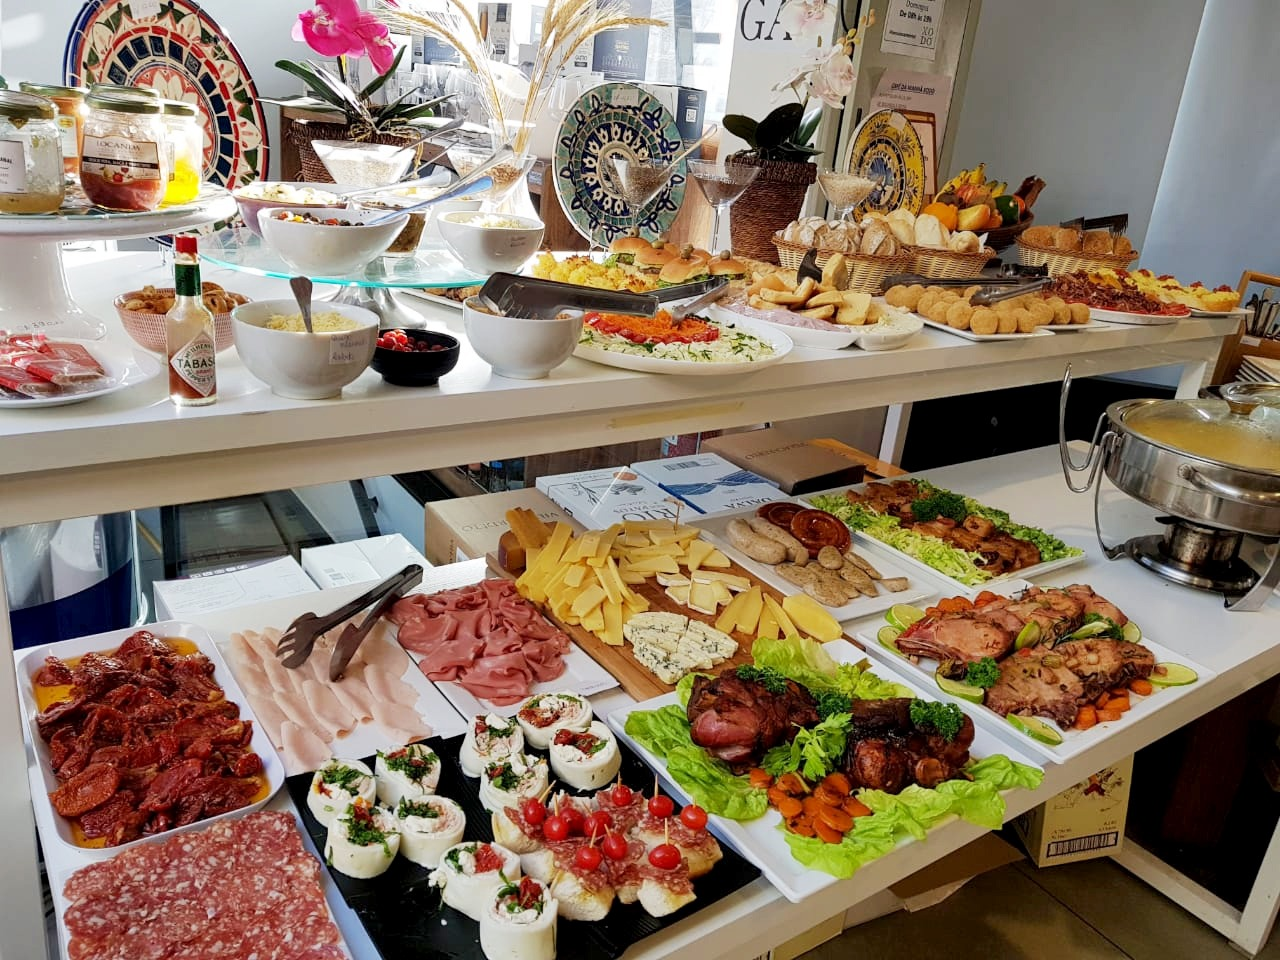 Bauernfest Gourmet no polo gastronômico do Valparaíso